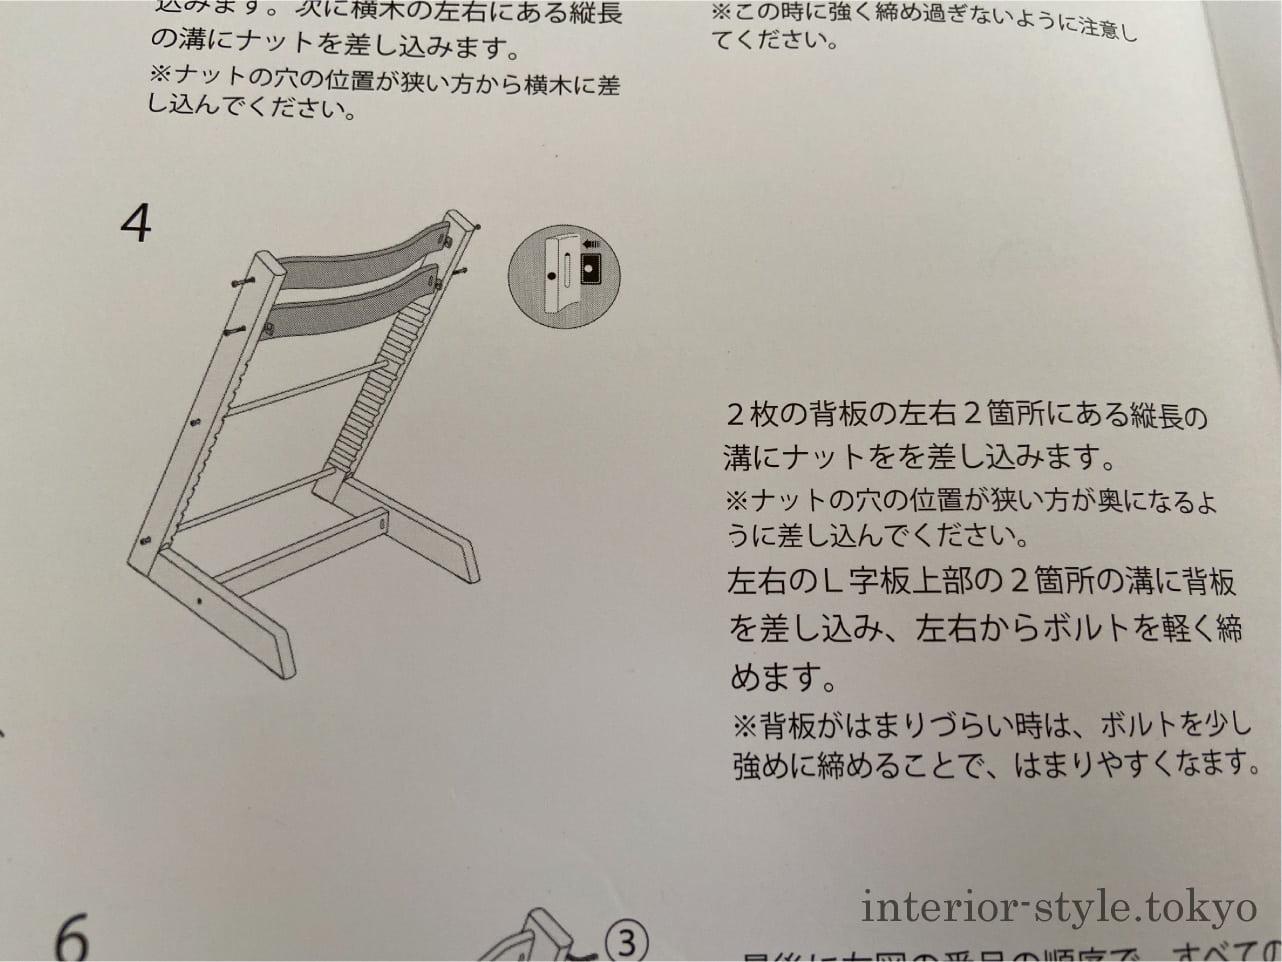 説明書の組立て手順4